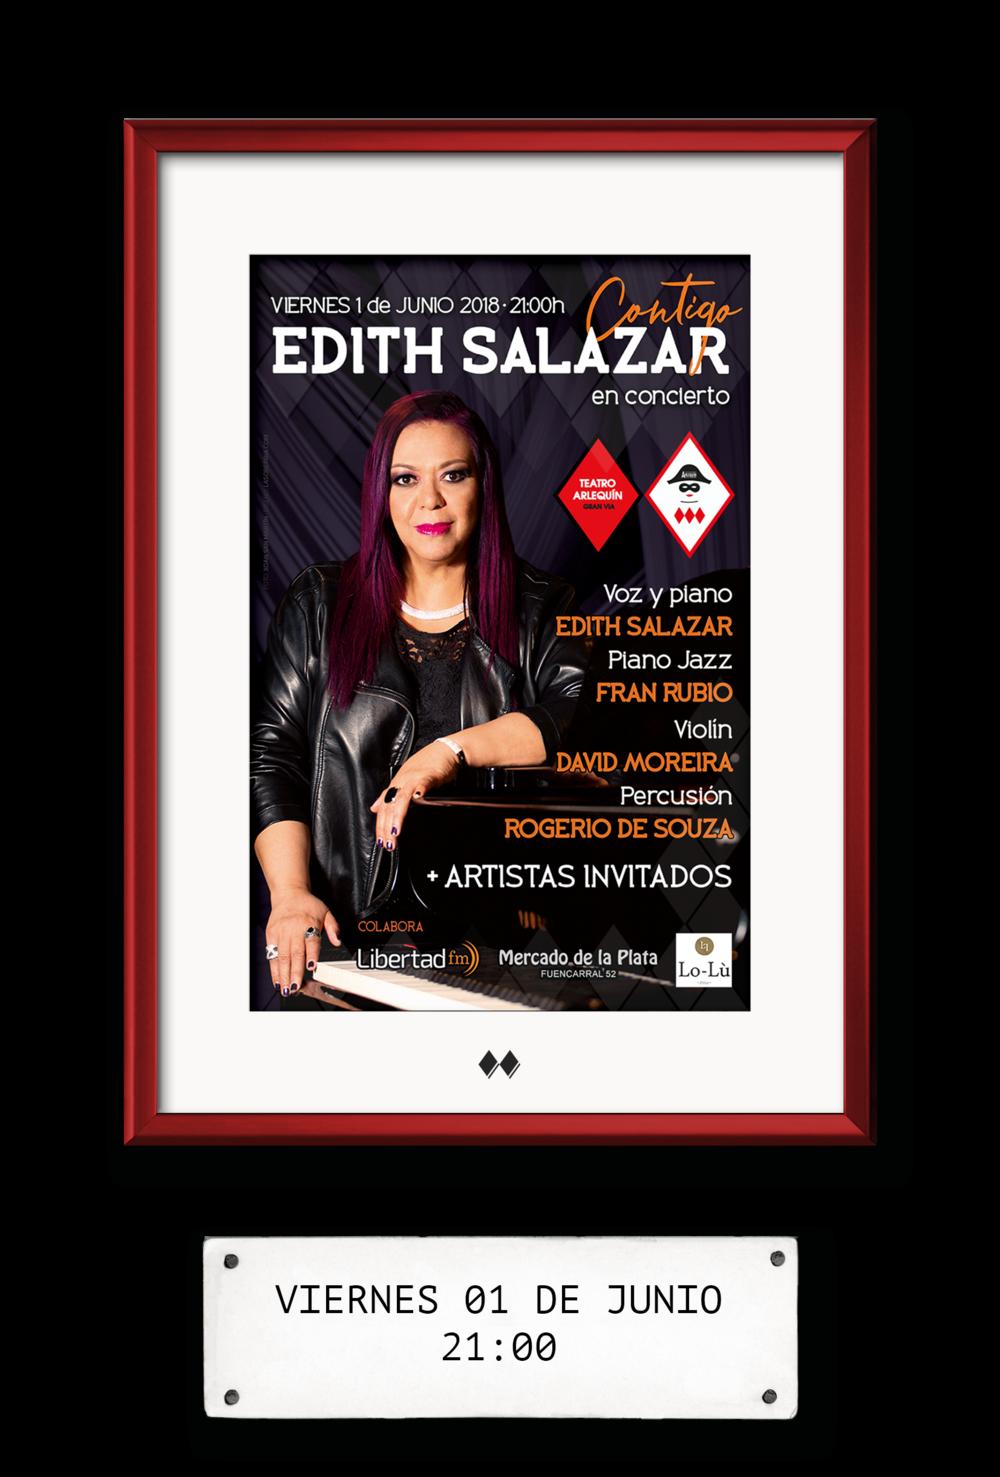 cuadro-edith-salazar-concierto-madrid-musica-teatro-arlequin-gran-via-comprar-entradas.png